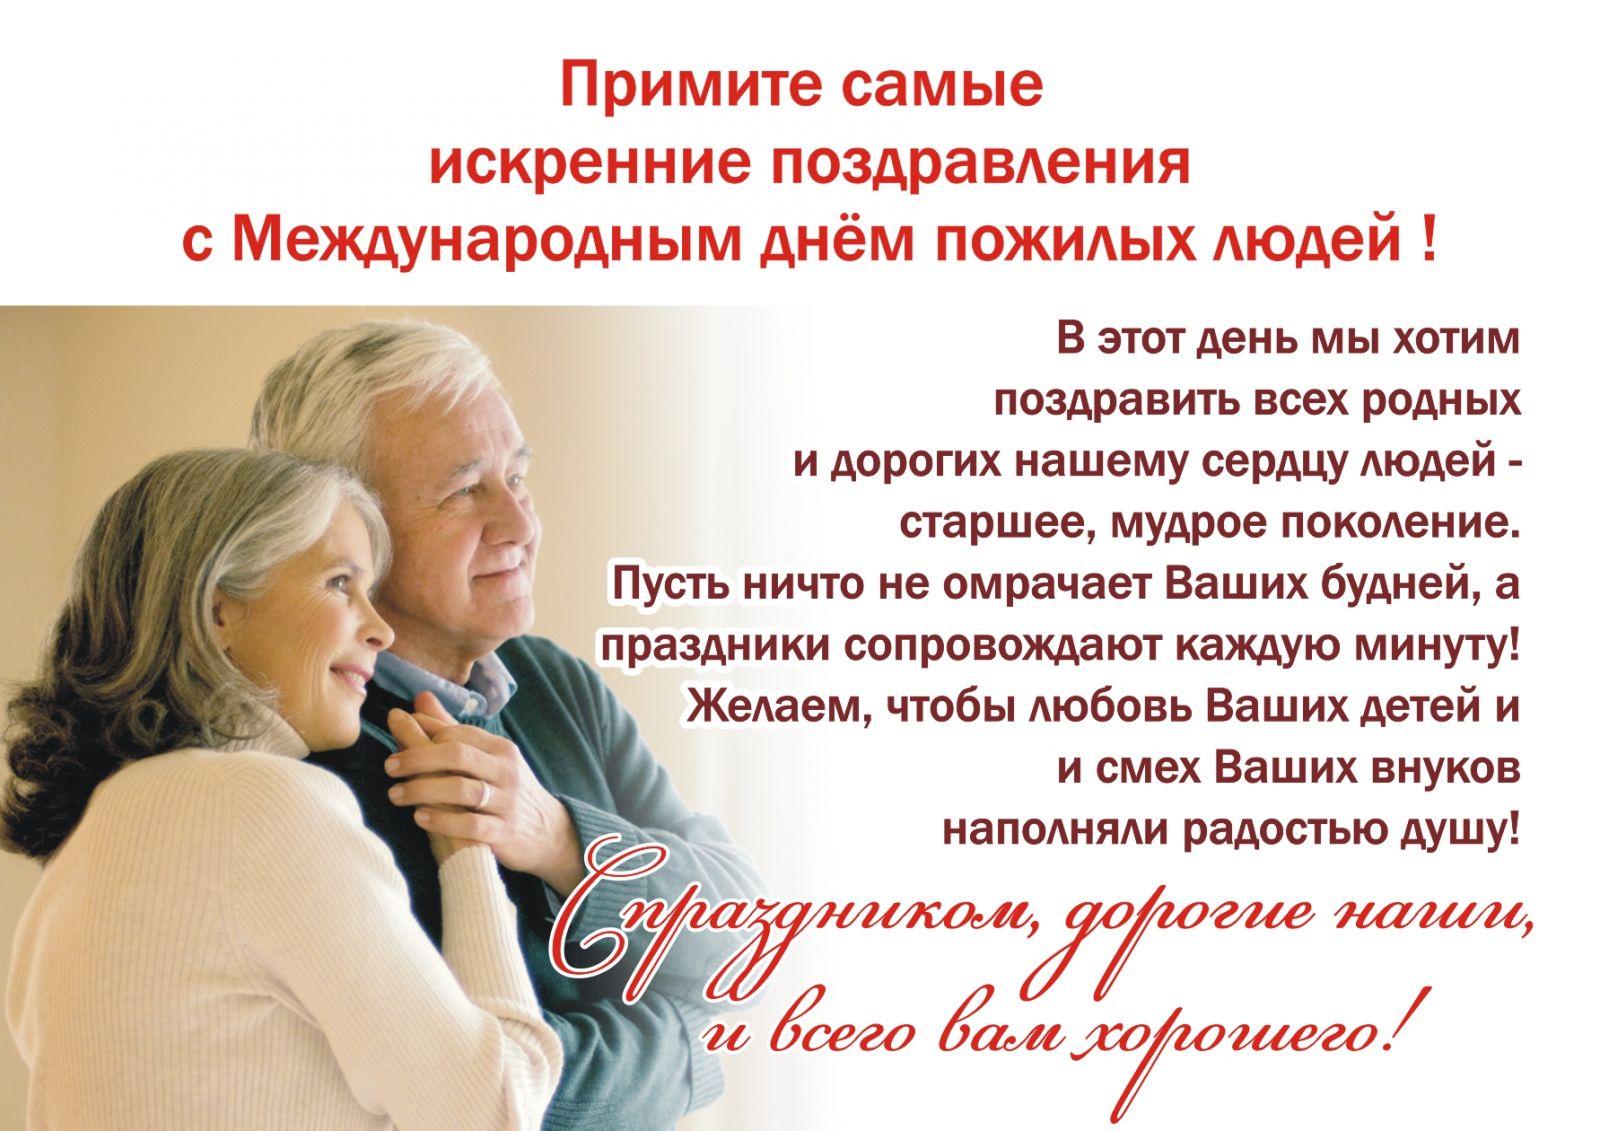 Поздравление на день рожденье пожилому человеку 200